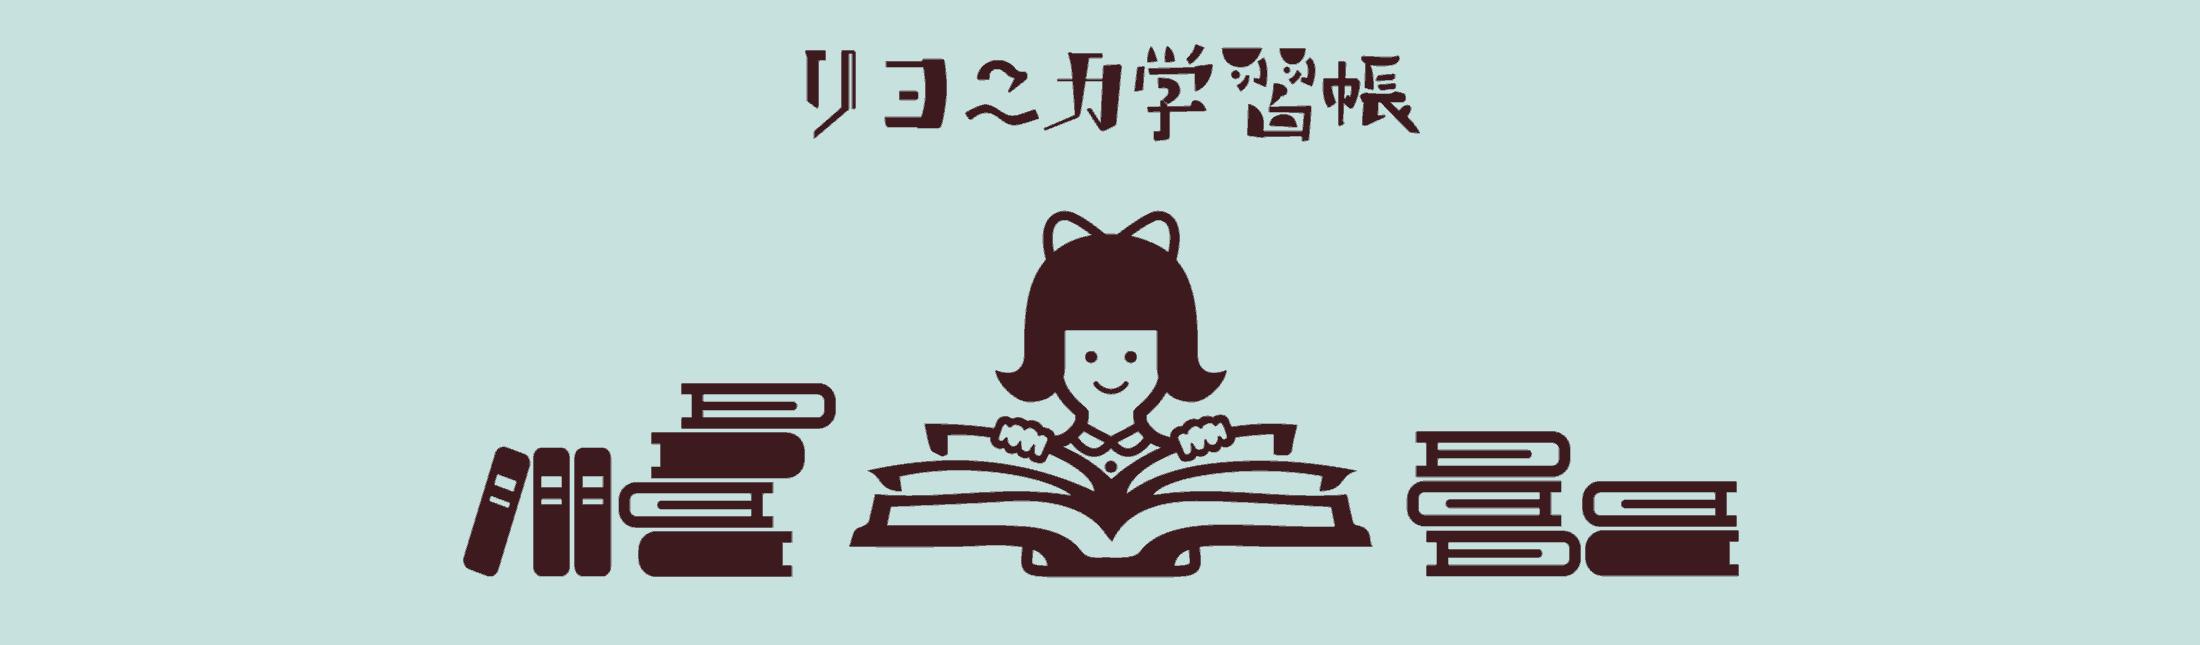 リヨニカ学習帳